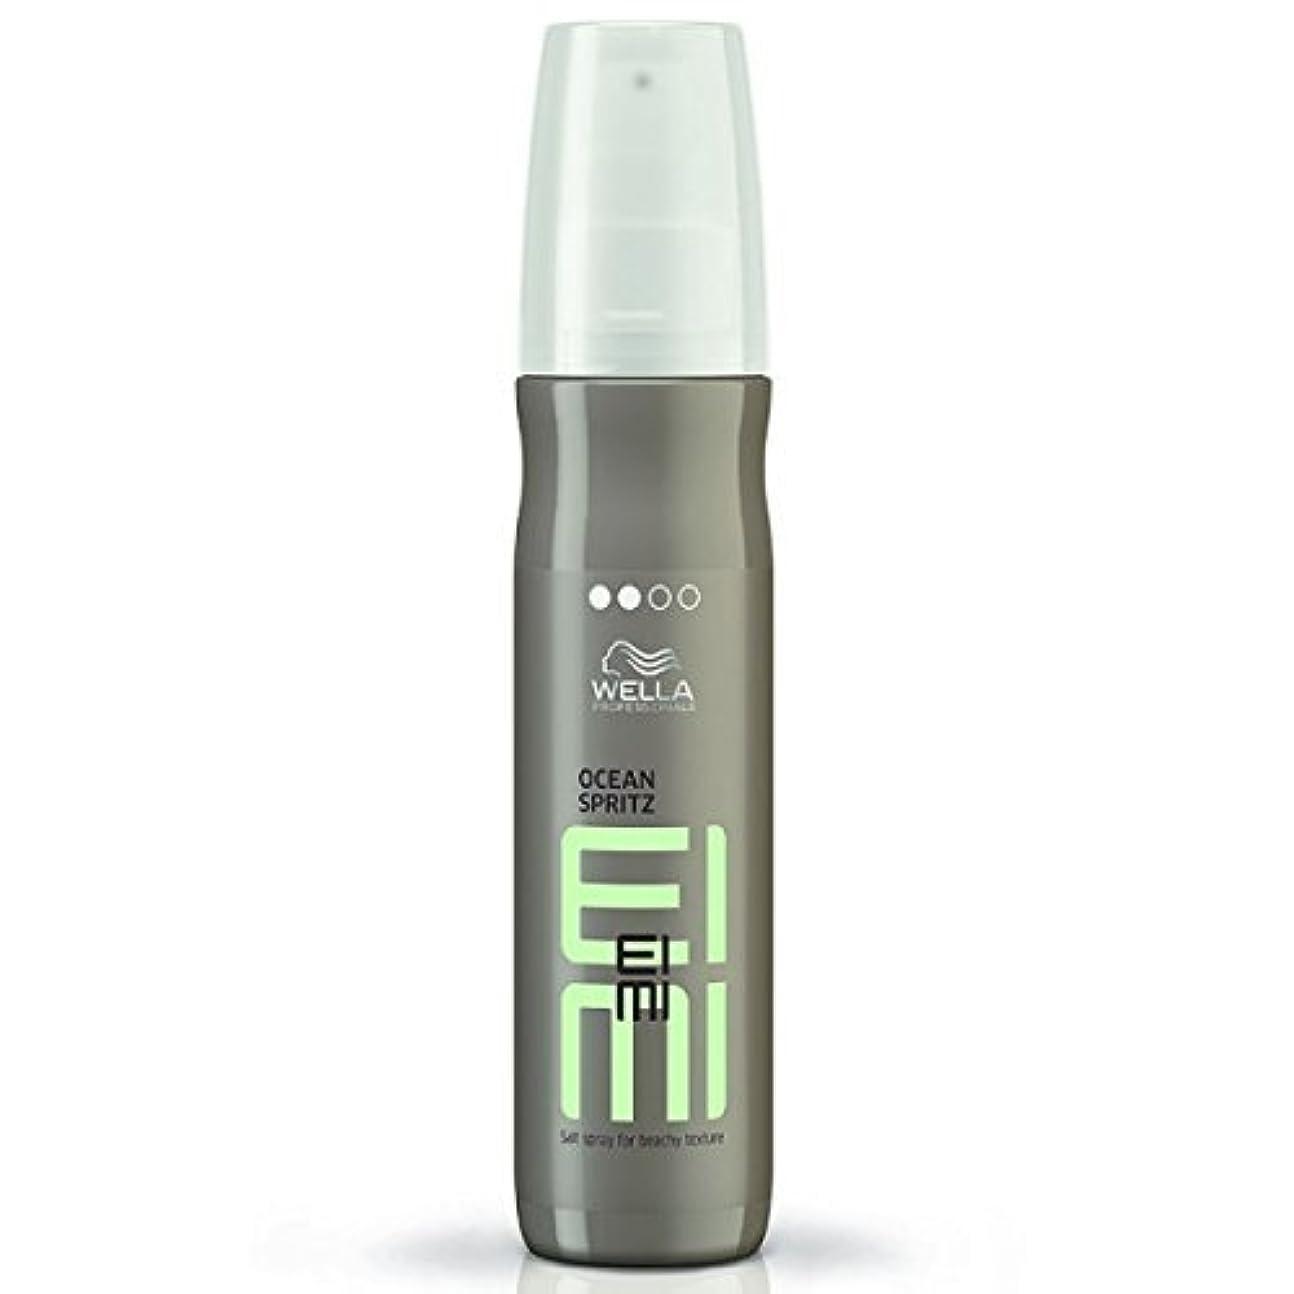 再現する人気の真剣にWella EIMI Ocean Spritz - Salt Spray For Beachy Hair Texture 150 ml [並行輸入品]